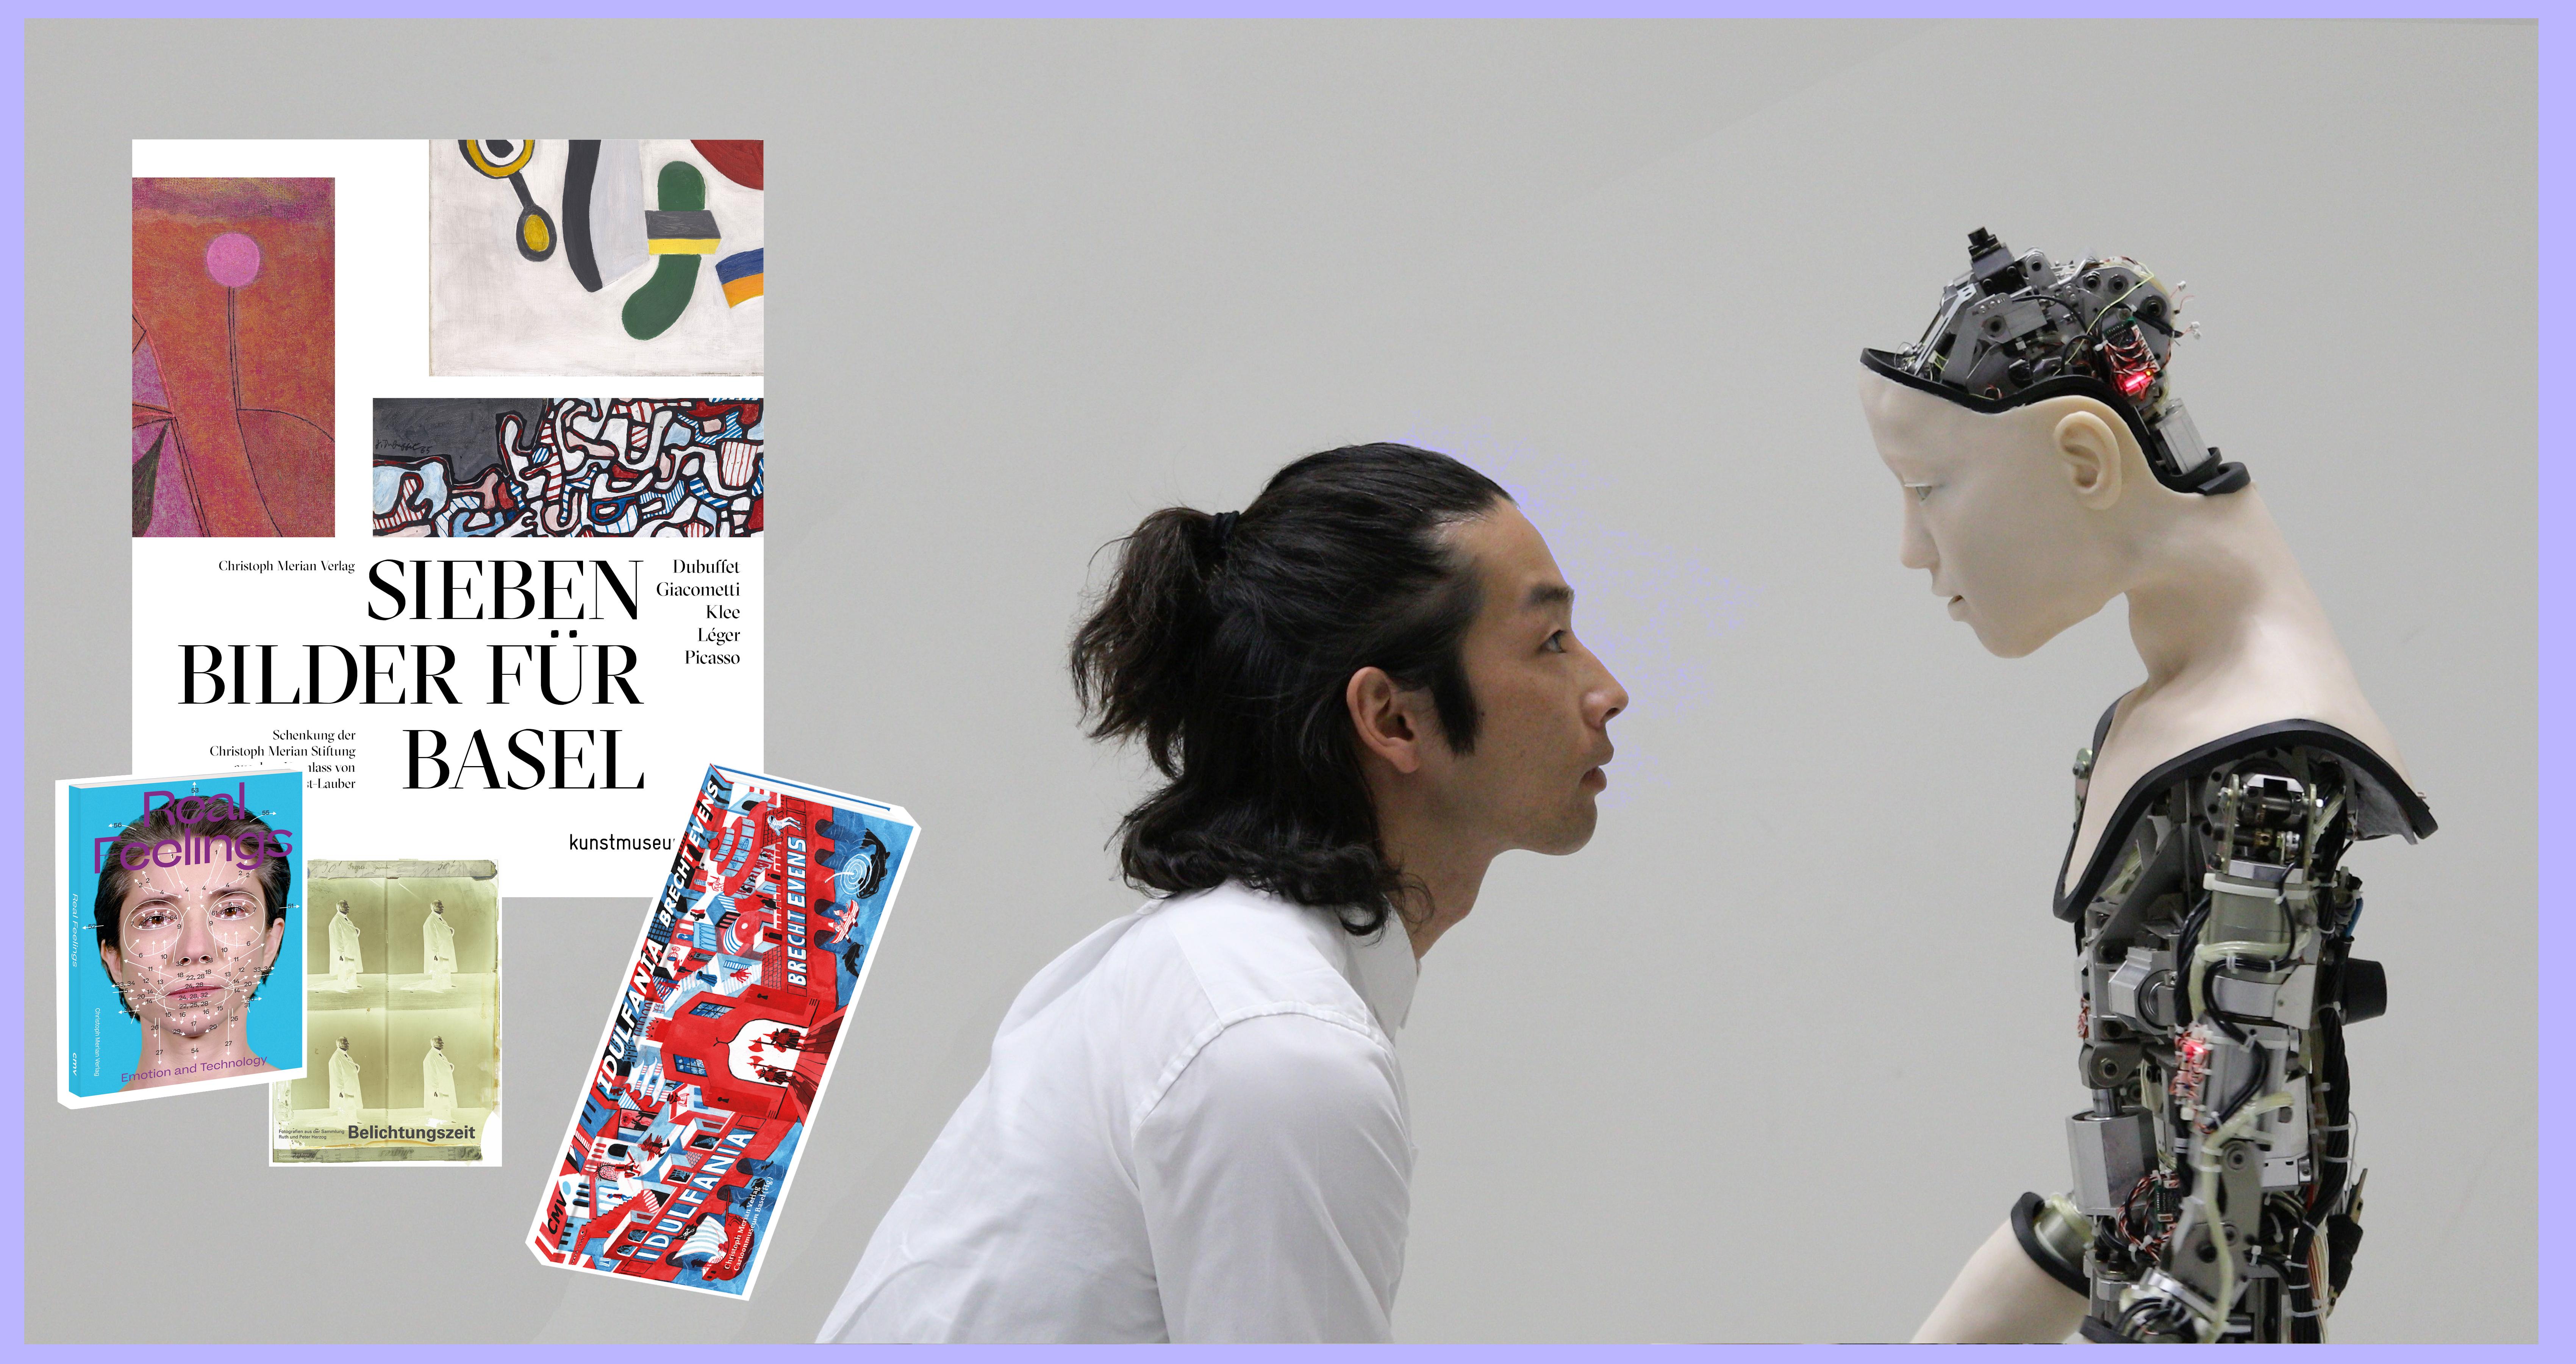 Cover verschiedener Titel des Christoph Merian Verlags. Außerdem ein Mann der mit einem Roboter interagiert.